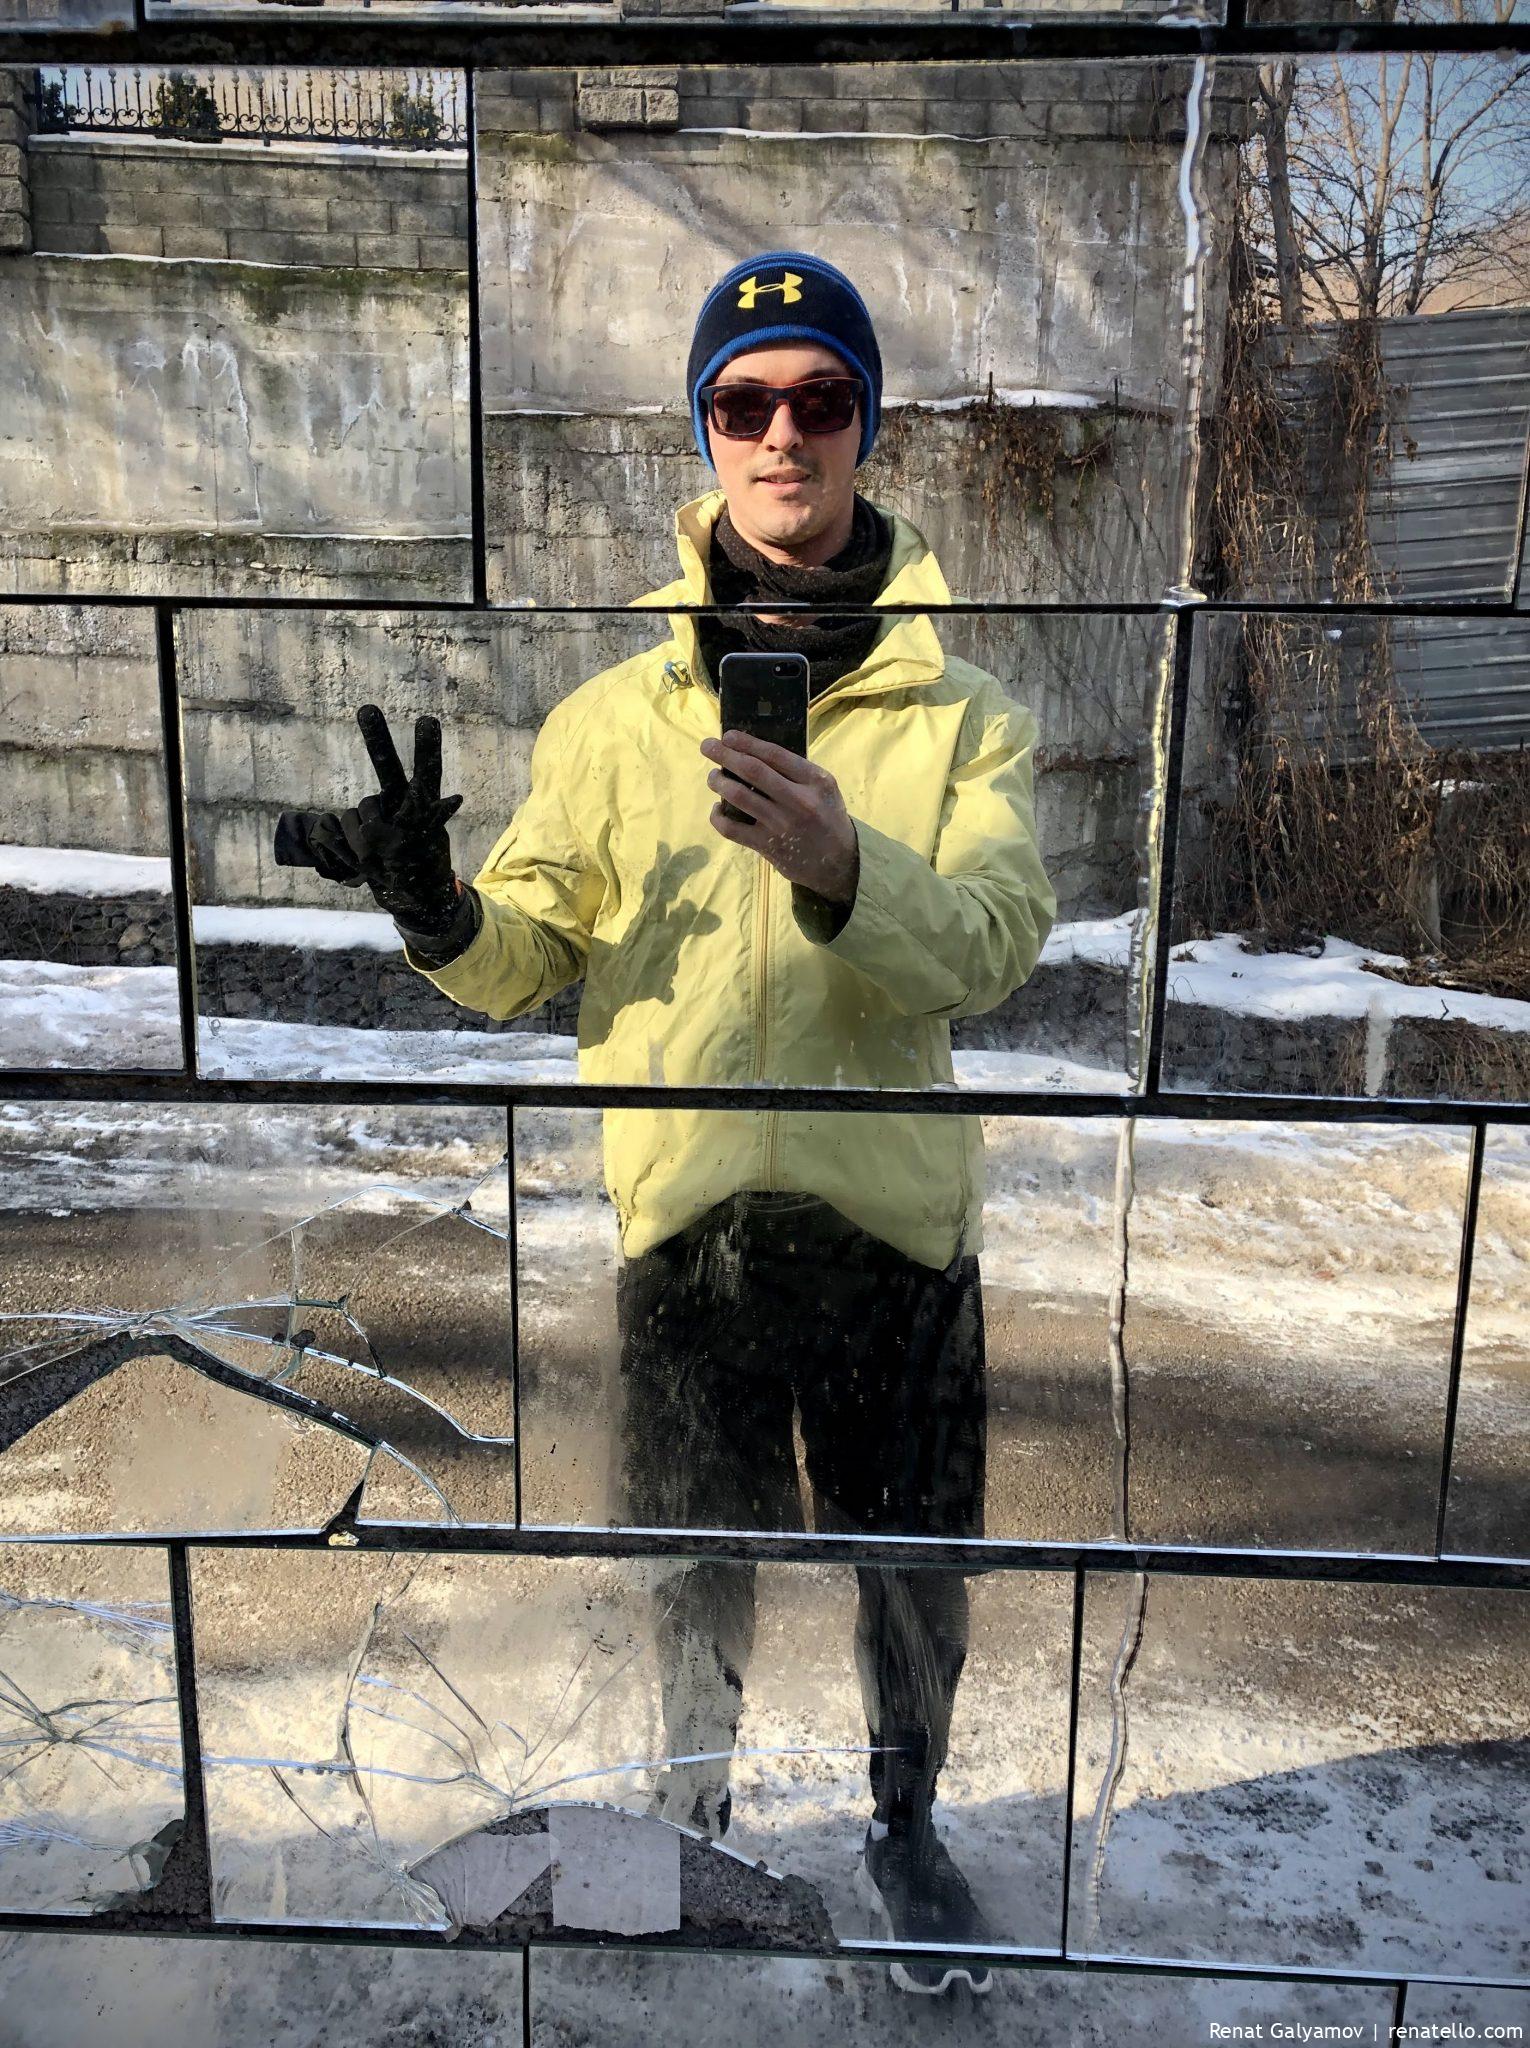 Renat running in winter